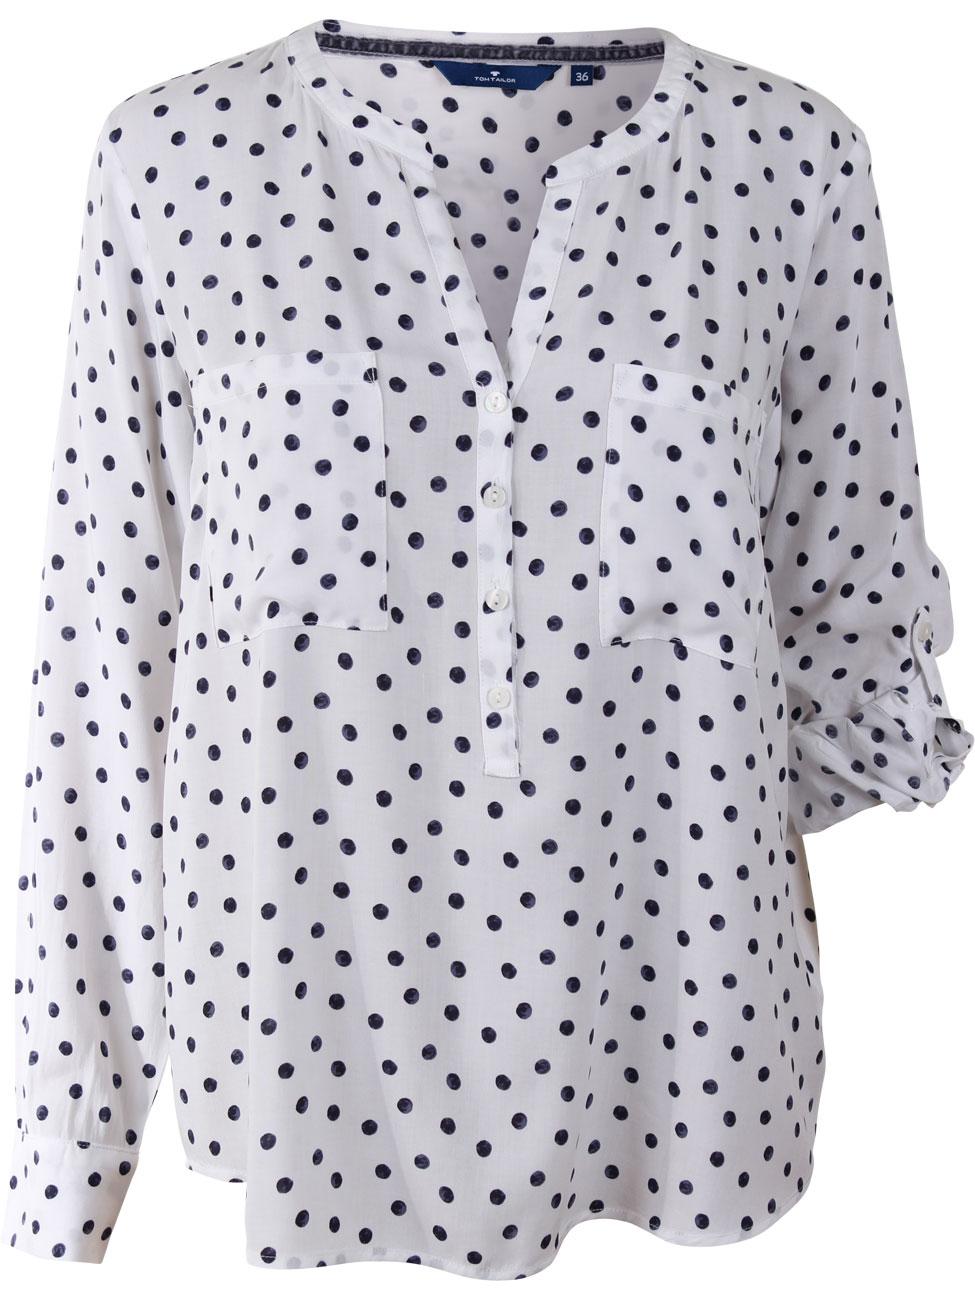 tom tailor damen bluse mit punkten kaufen jeans direct de. Black Bedroom Furniture Sets. Home Design Ideas